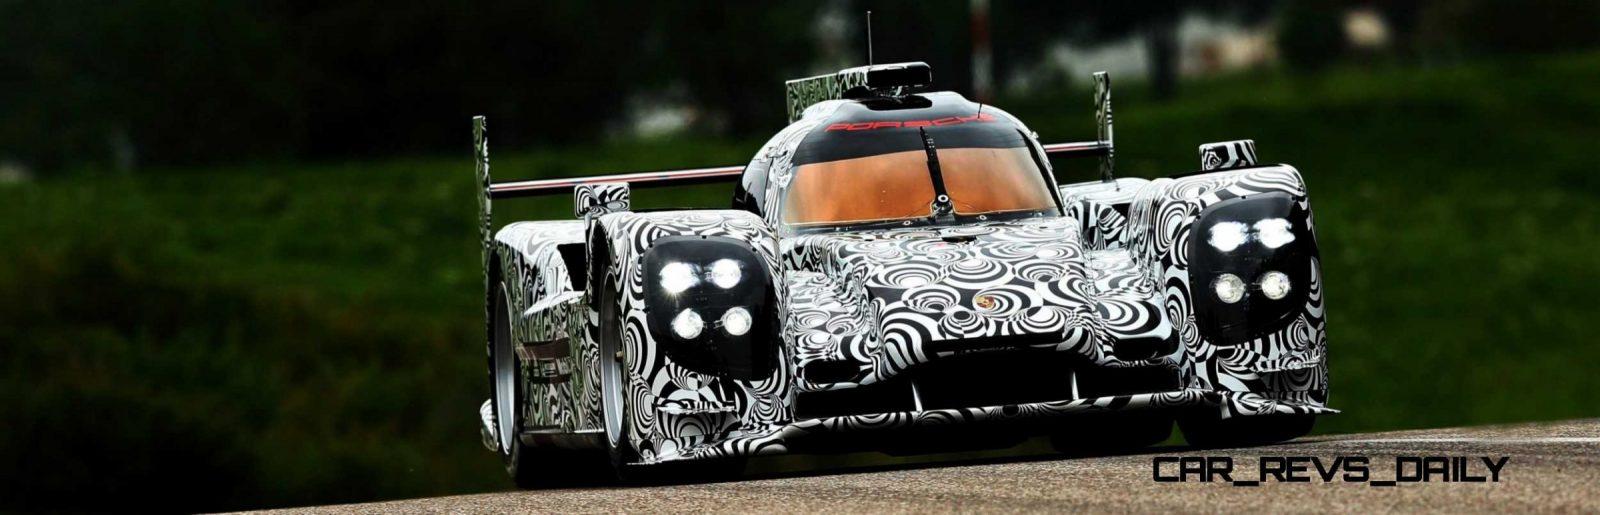 2013- Porsche LMP1 Rollout- Weissach1